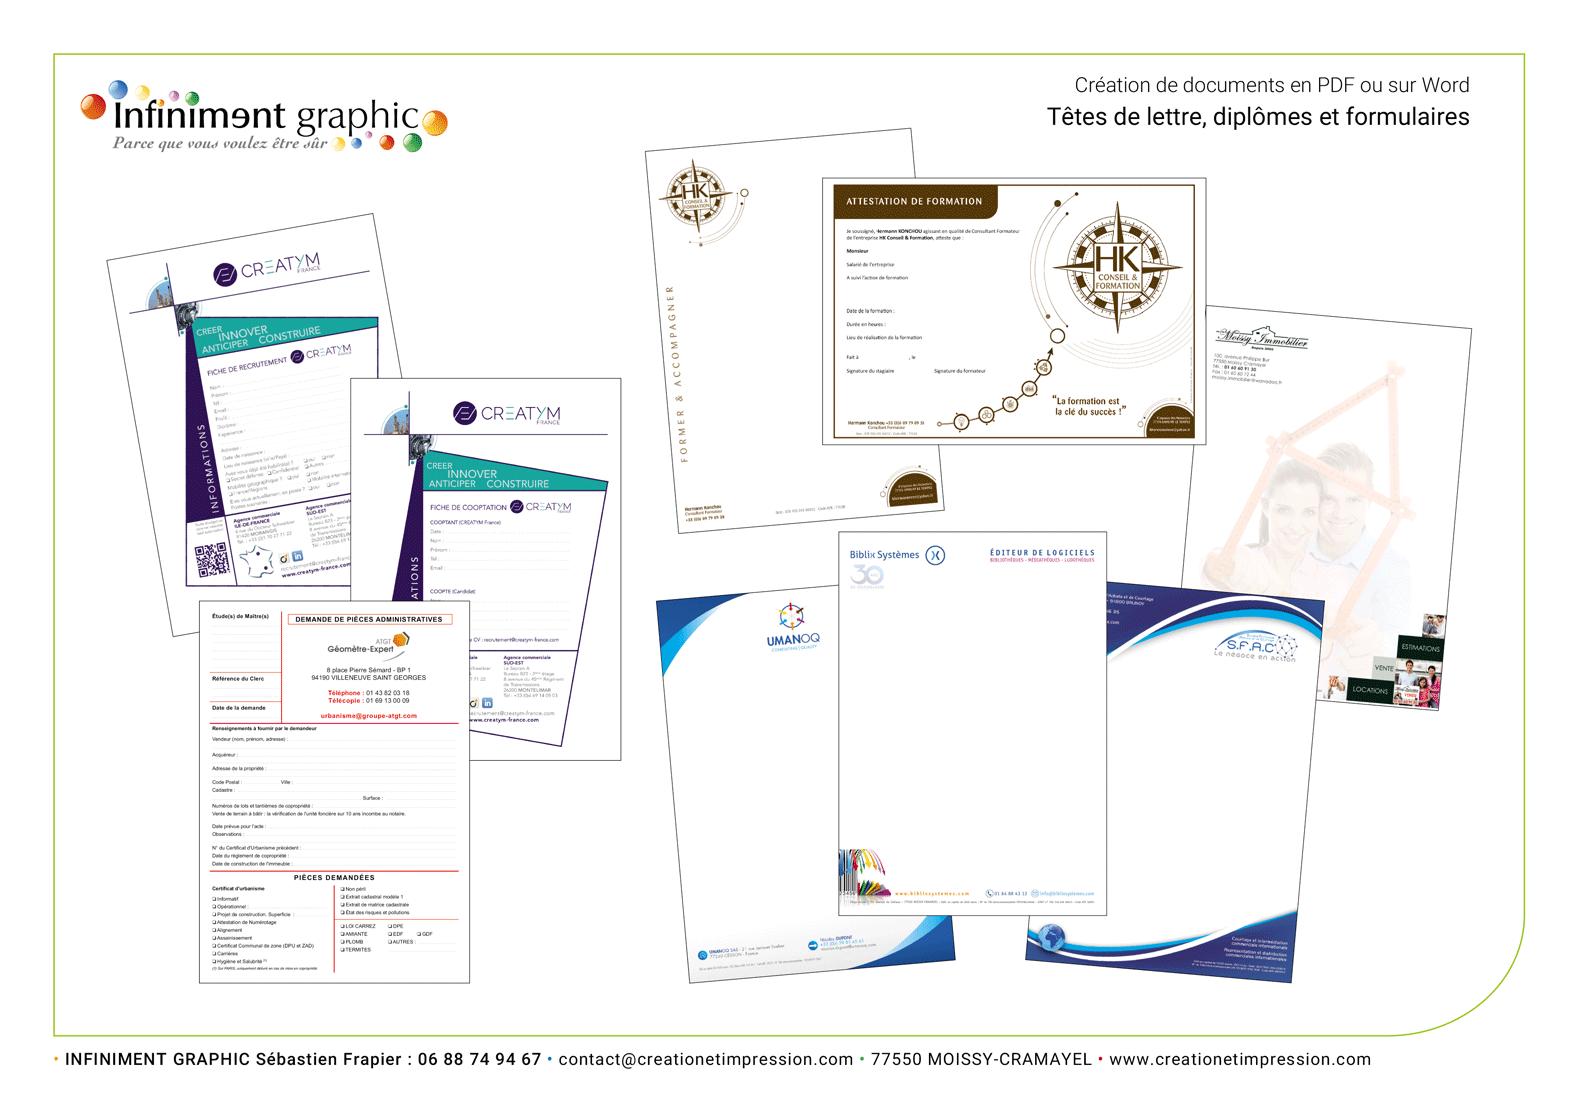 Présentations en PDF 1